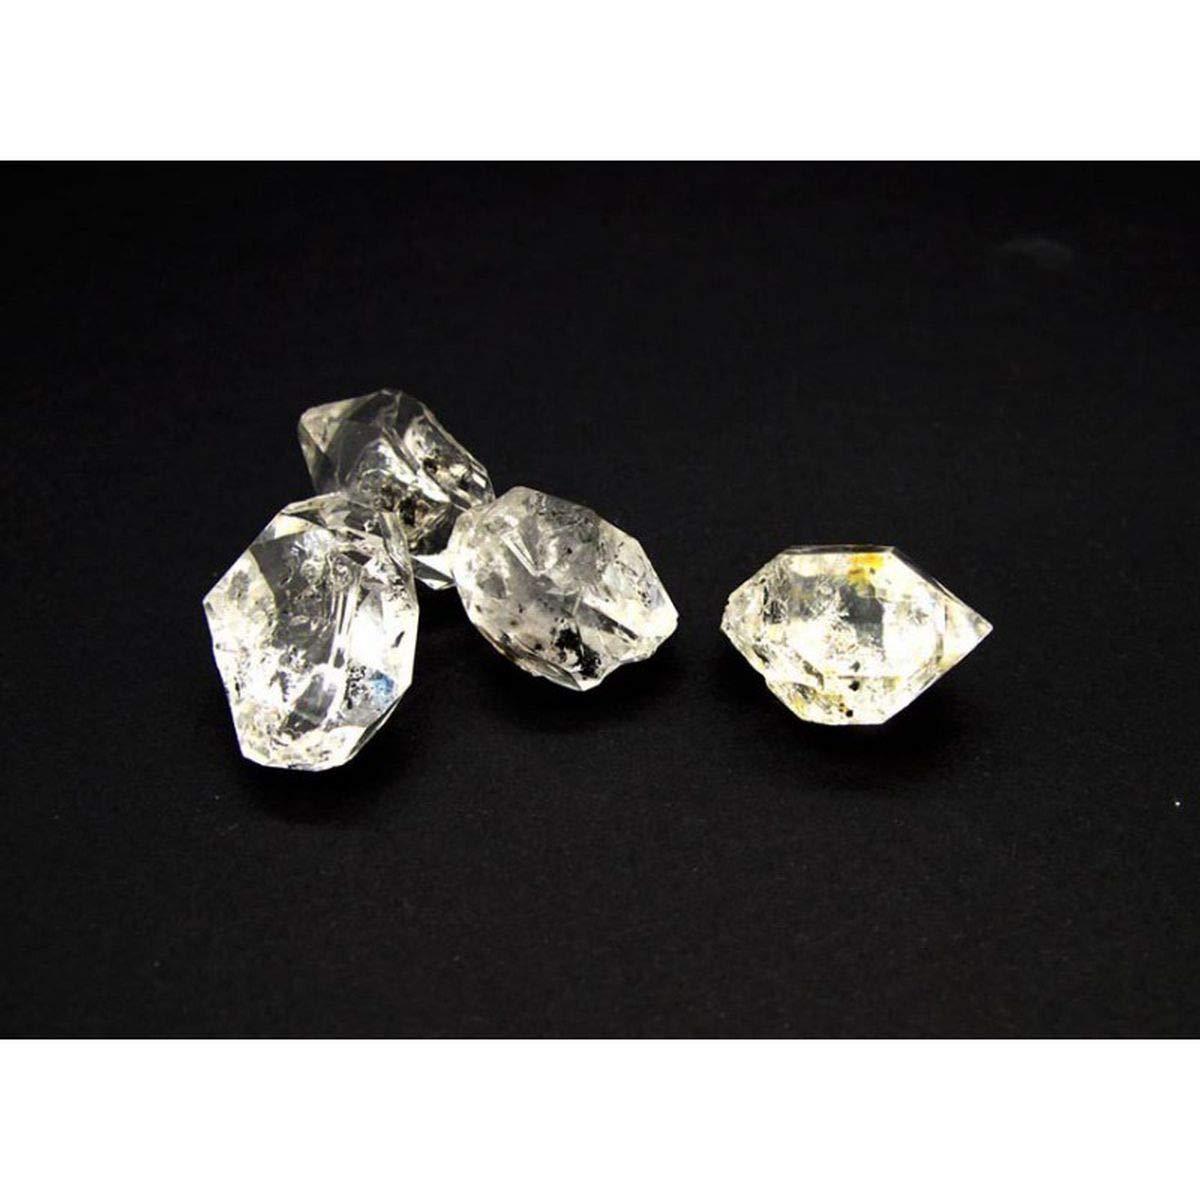 Cuarzo Diamante Herkimer Mediano Minerales y Cristales, Belleza energética, Meditacion, Amuletos Espirituales: Amazon.es: Hogar